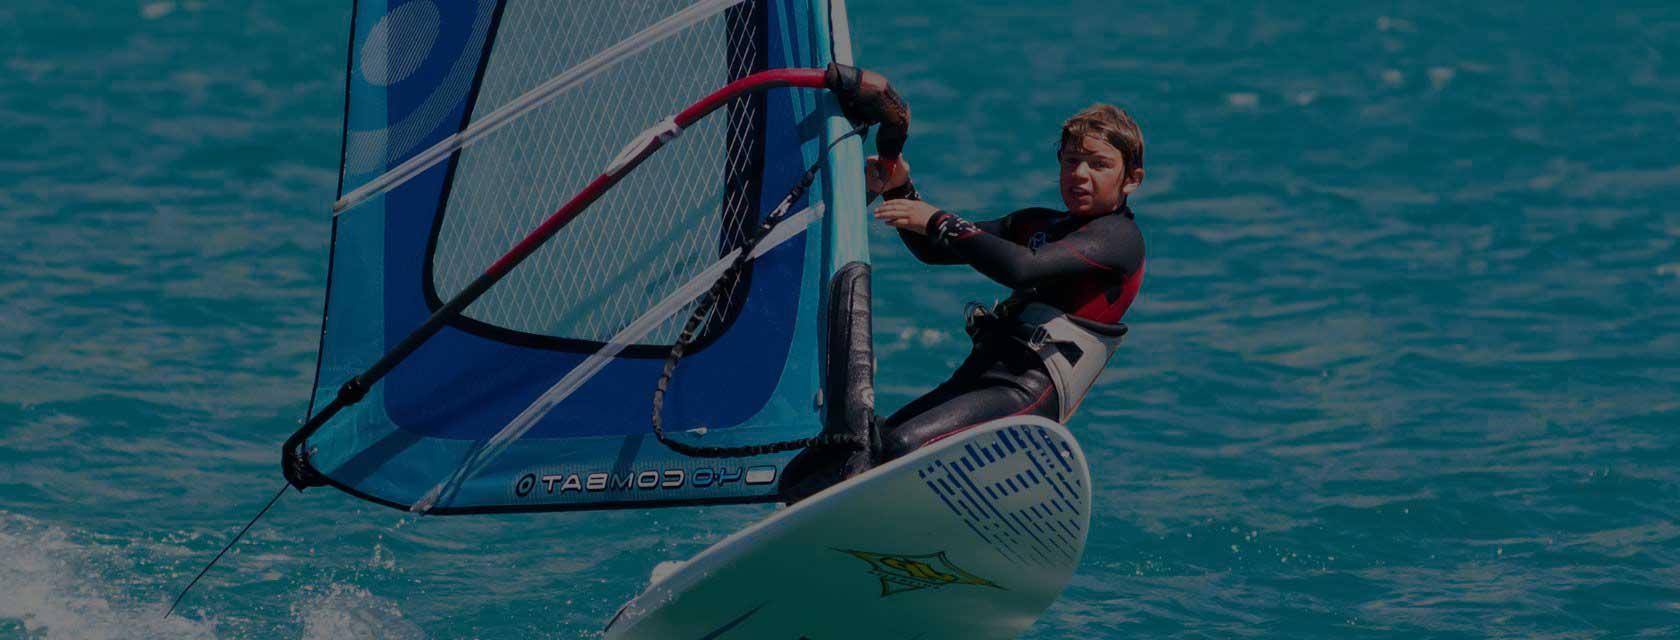 Campi estivi ragazzi windsurf